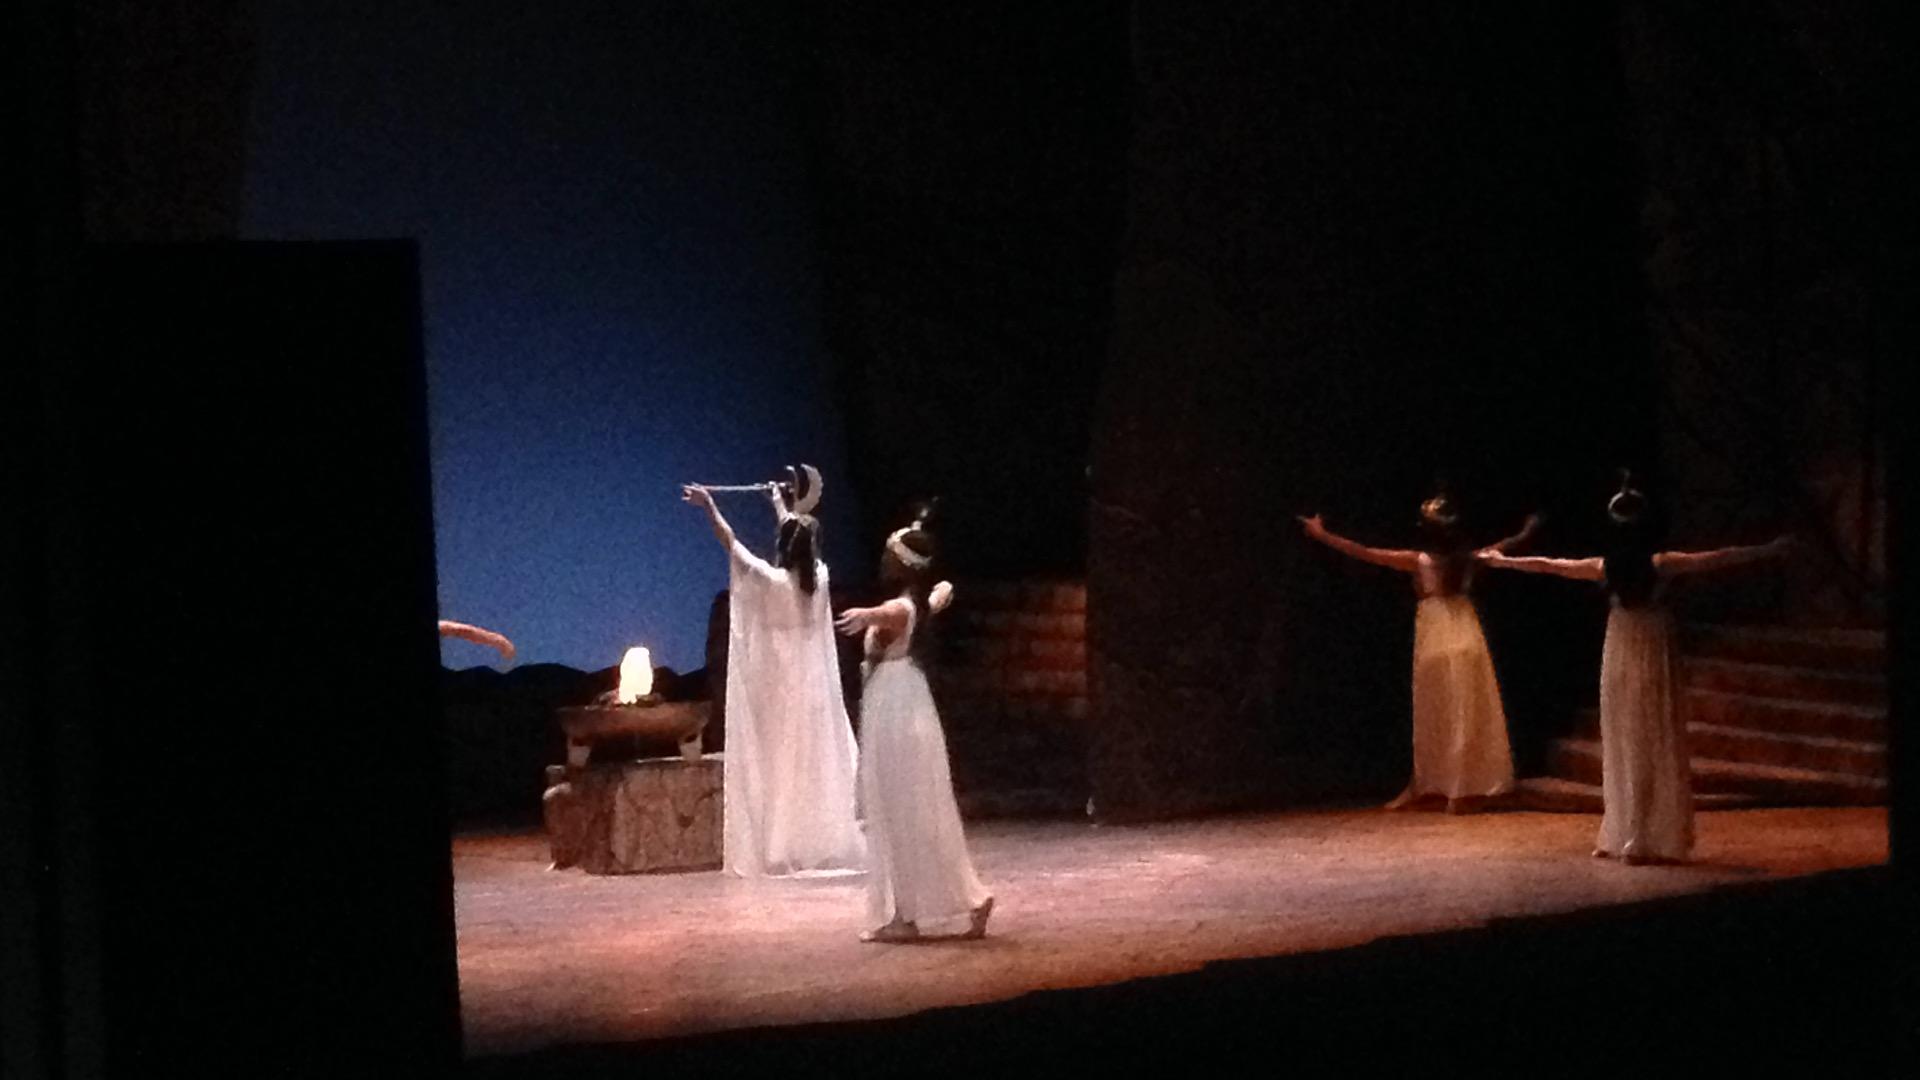 Sacerdotessa in Aida on Japan tour Oct 2014